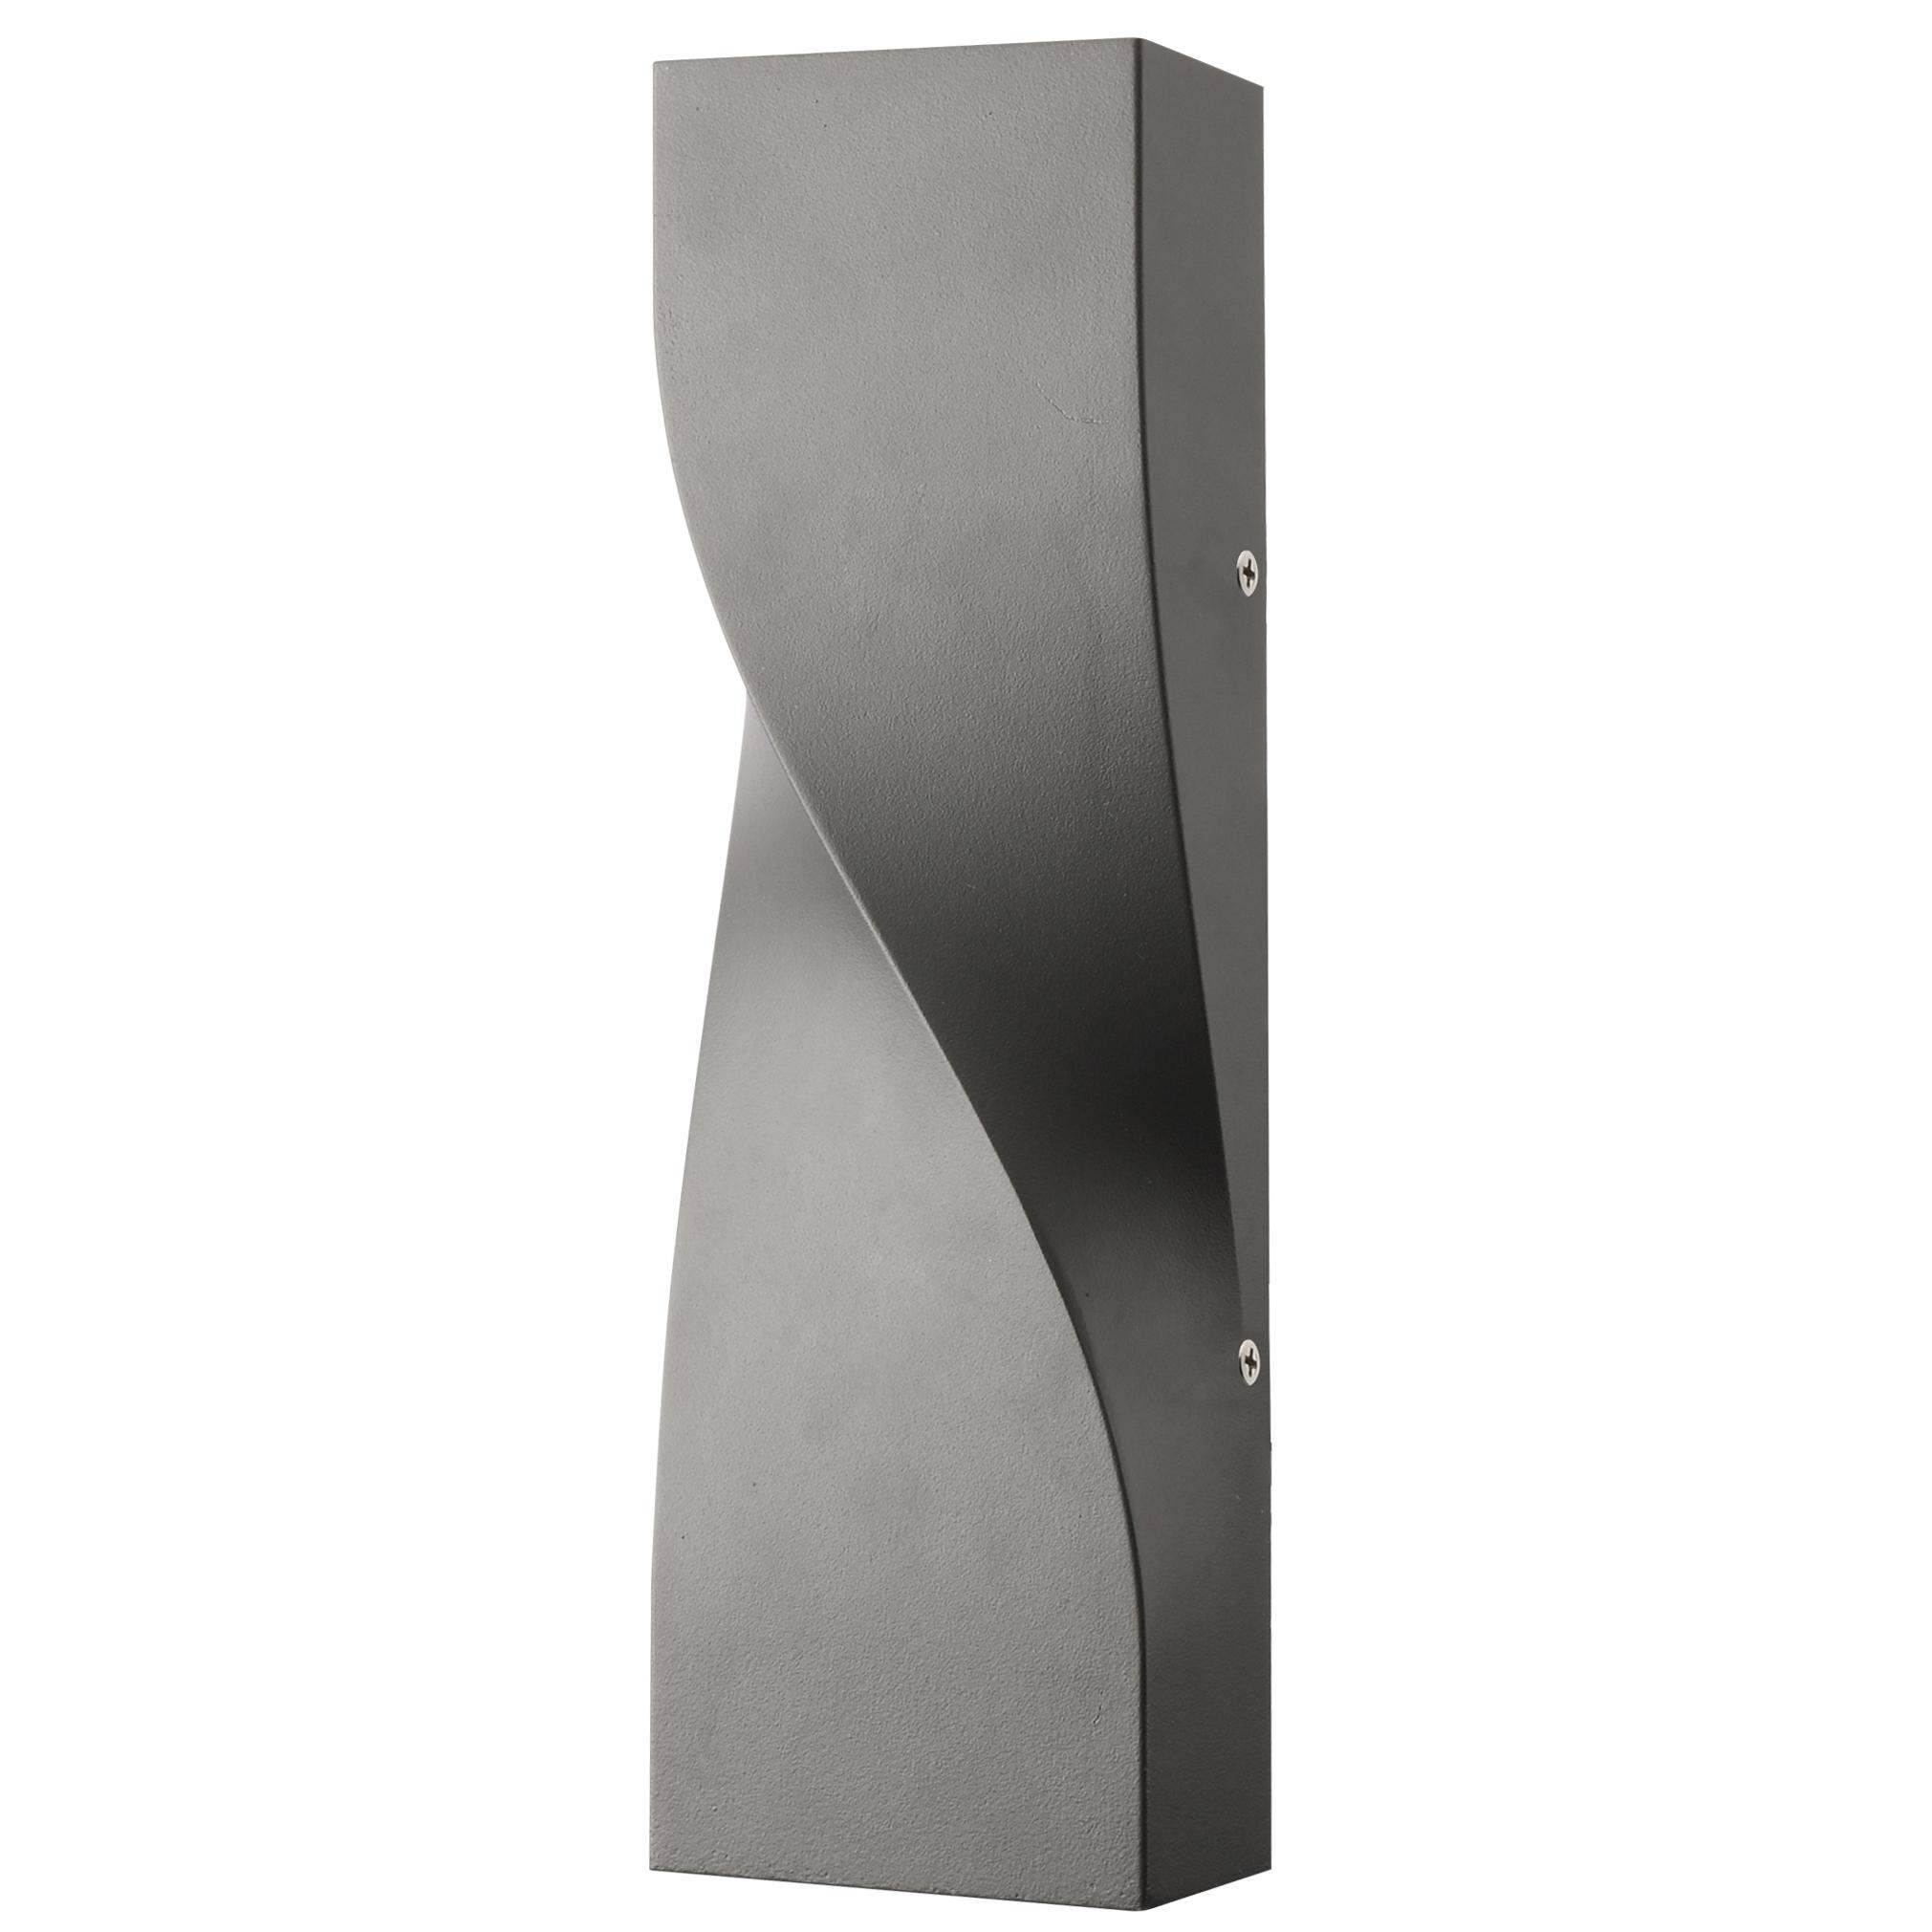 Applique extérieur en aluminium gris